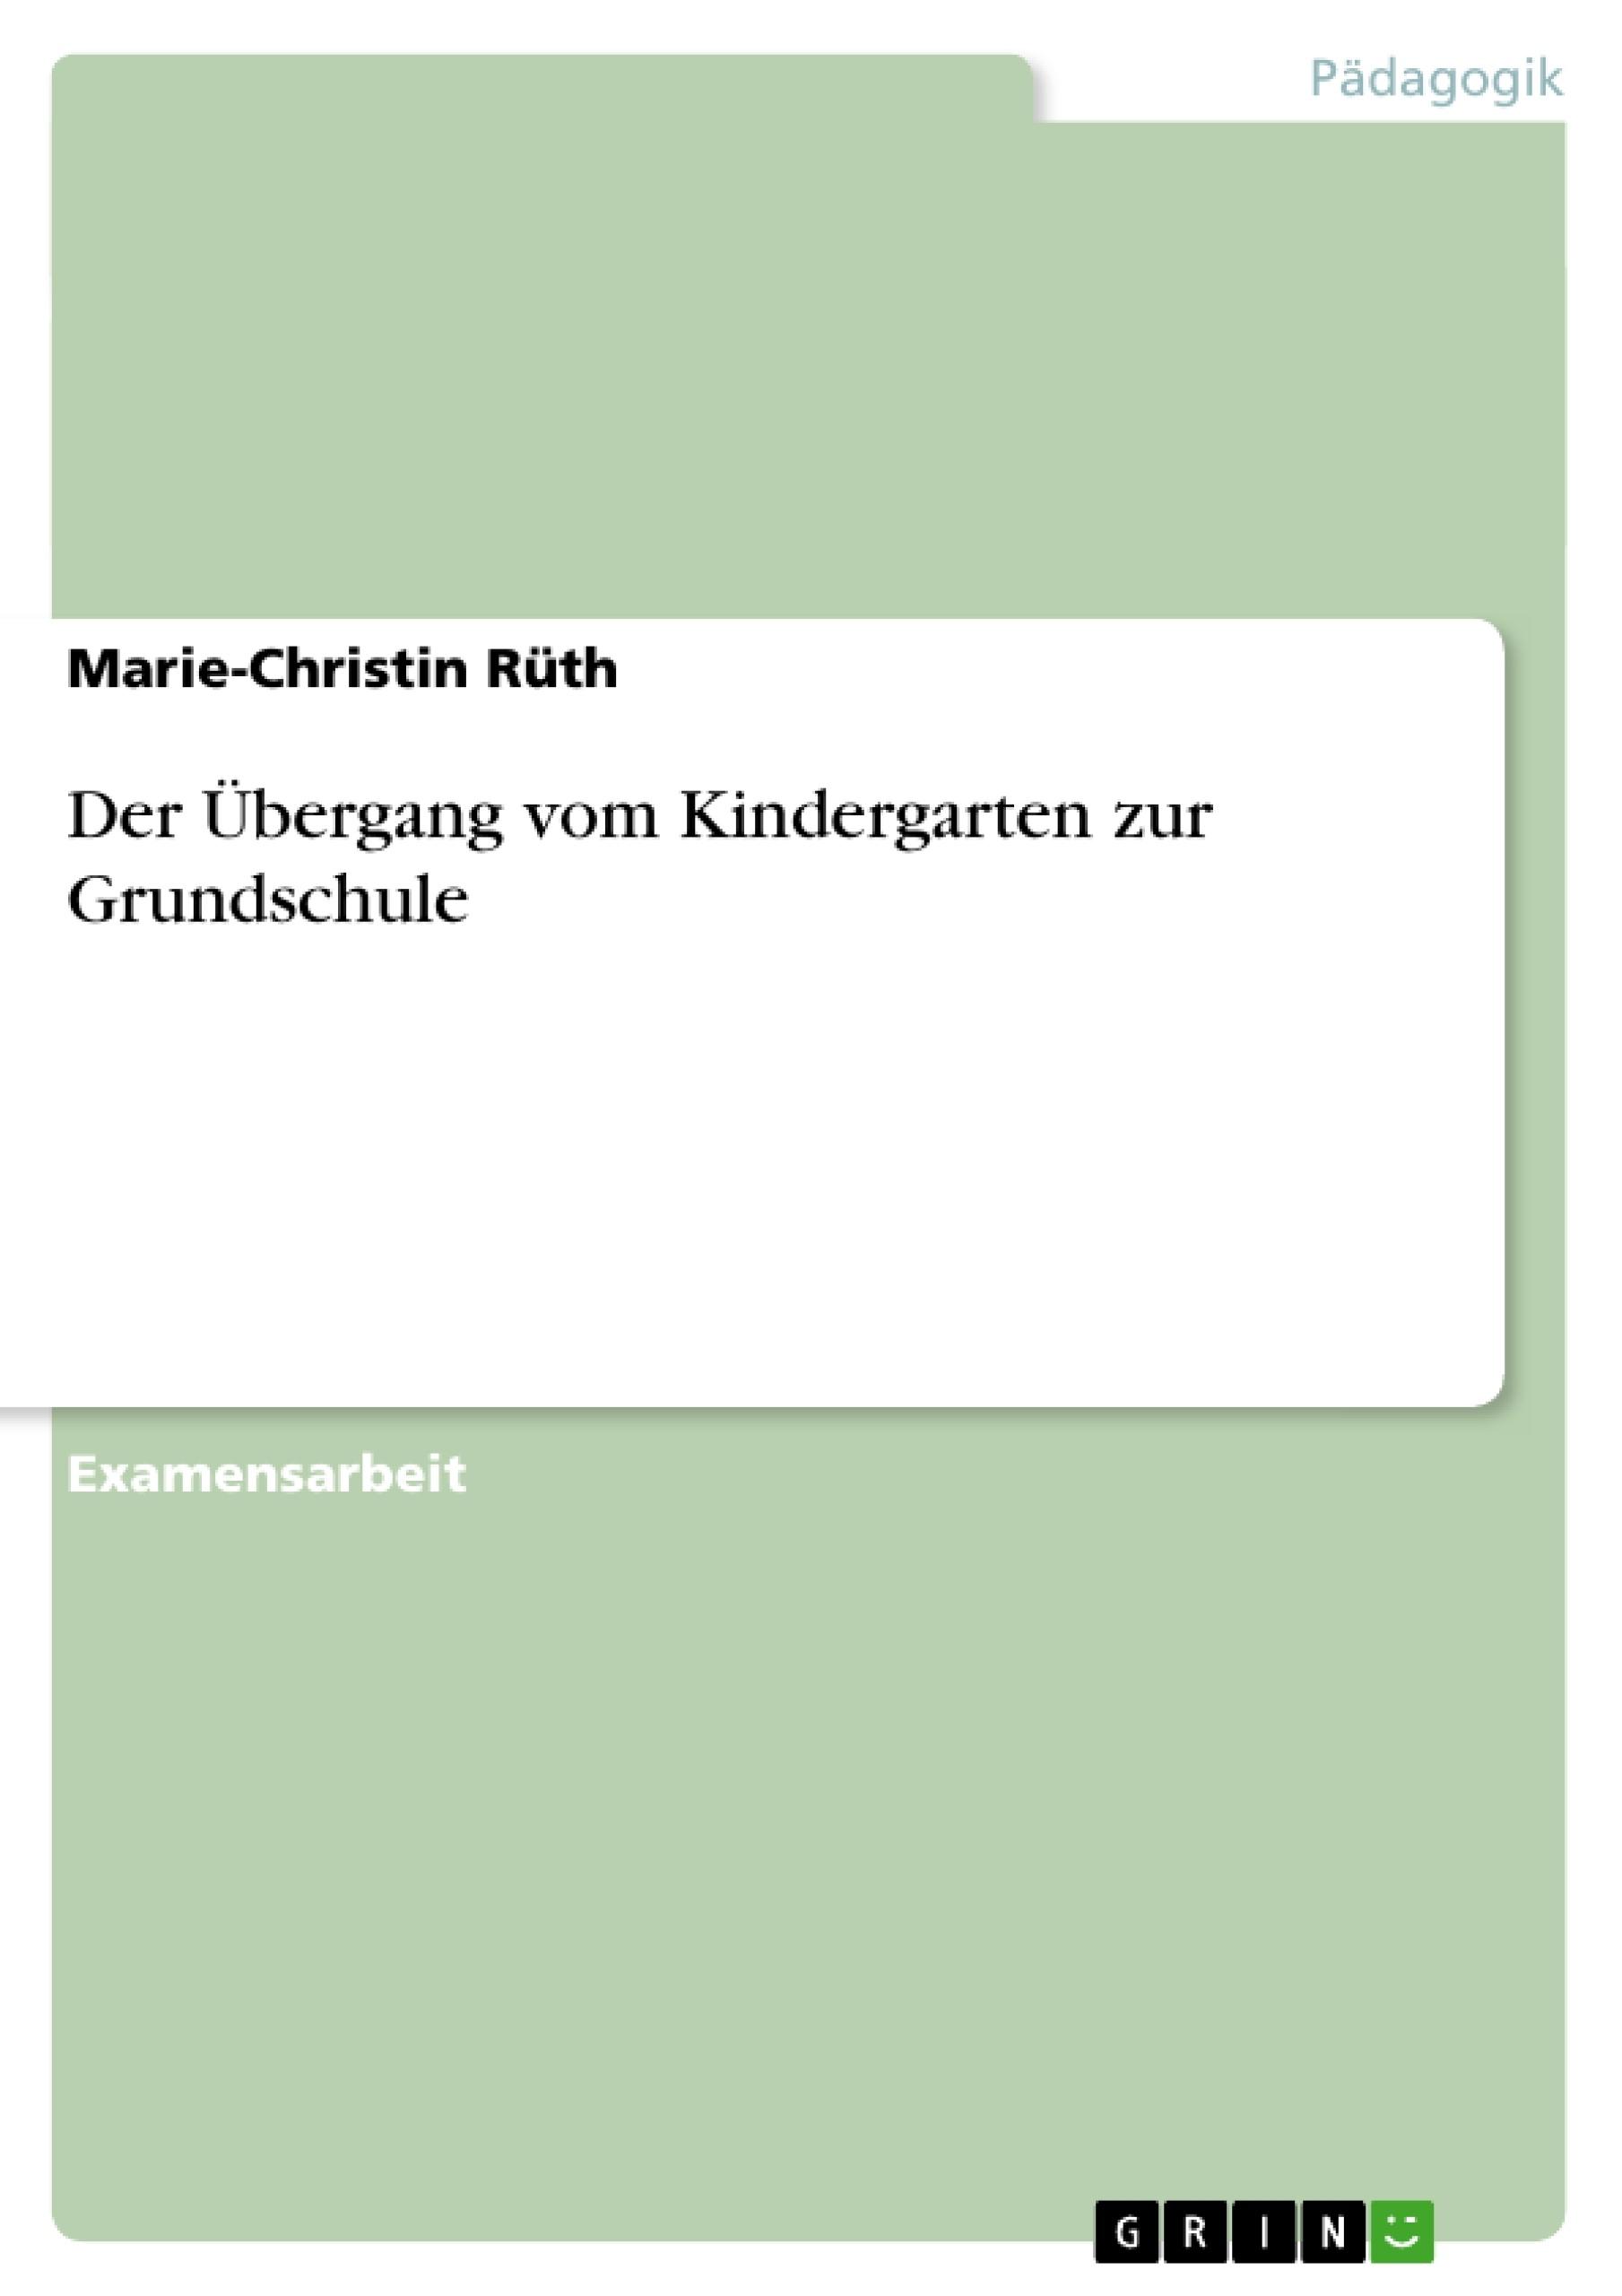 Titel: Der Übergang vom Kindergarten zur Grundschule